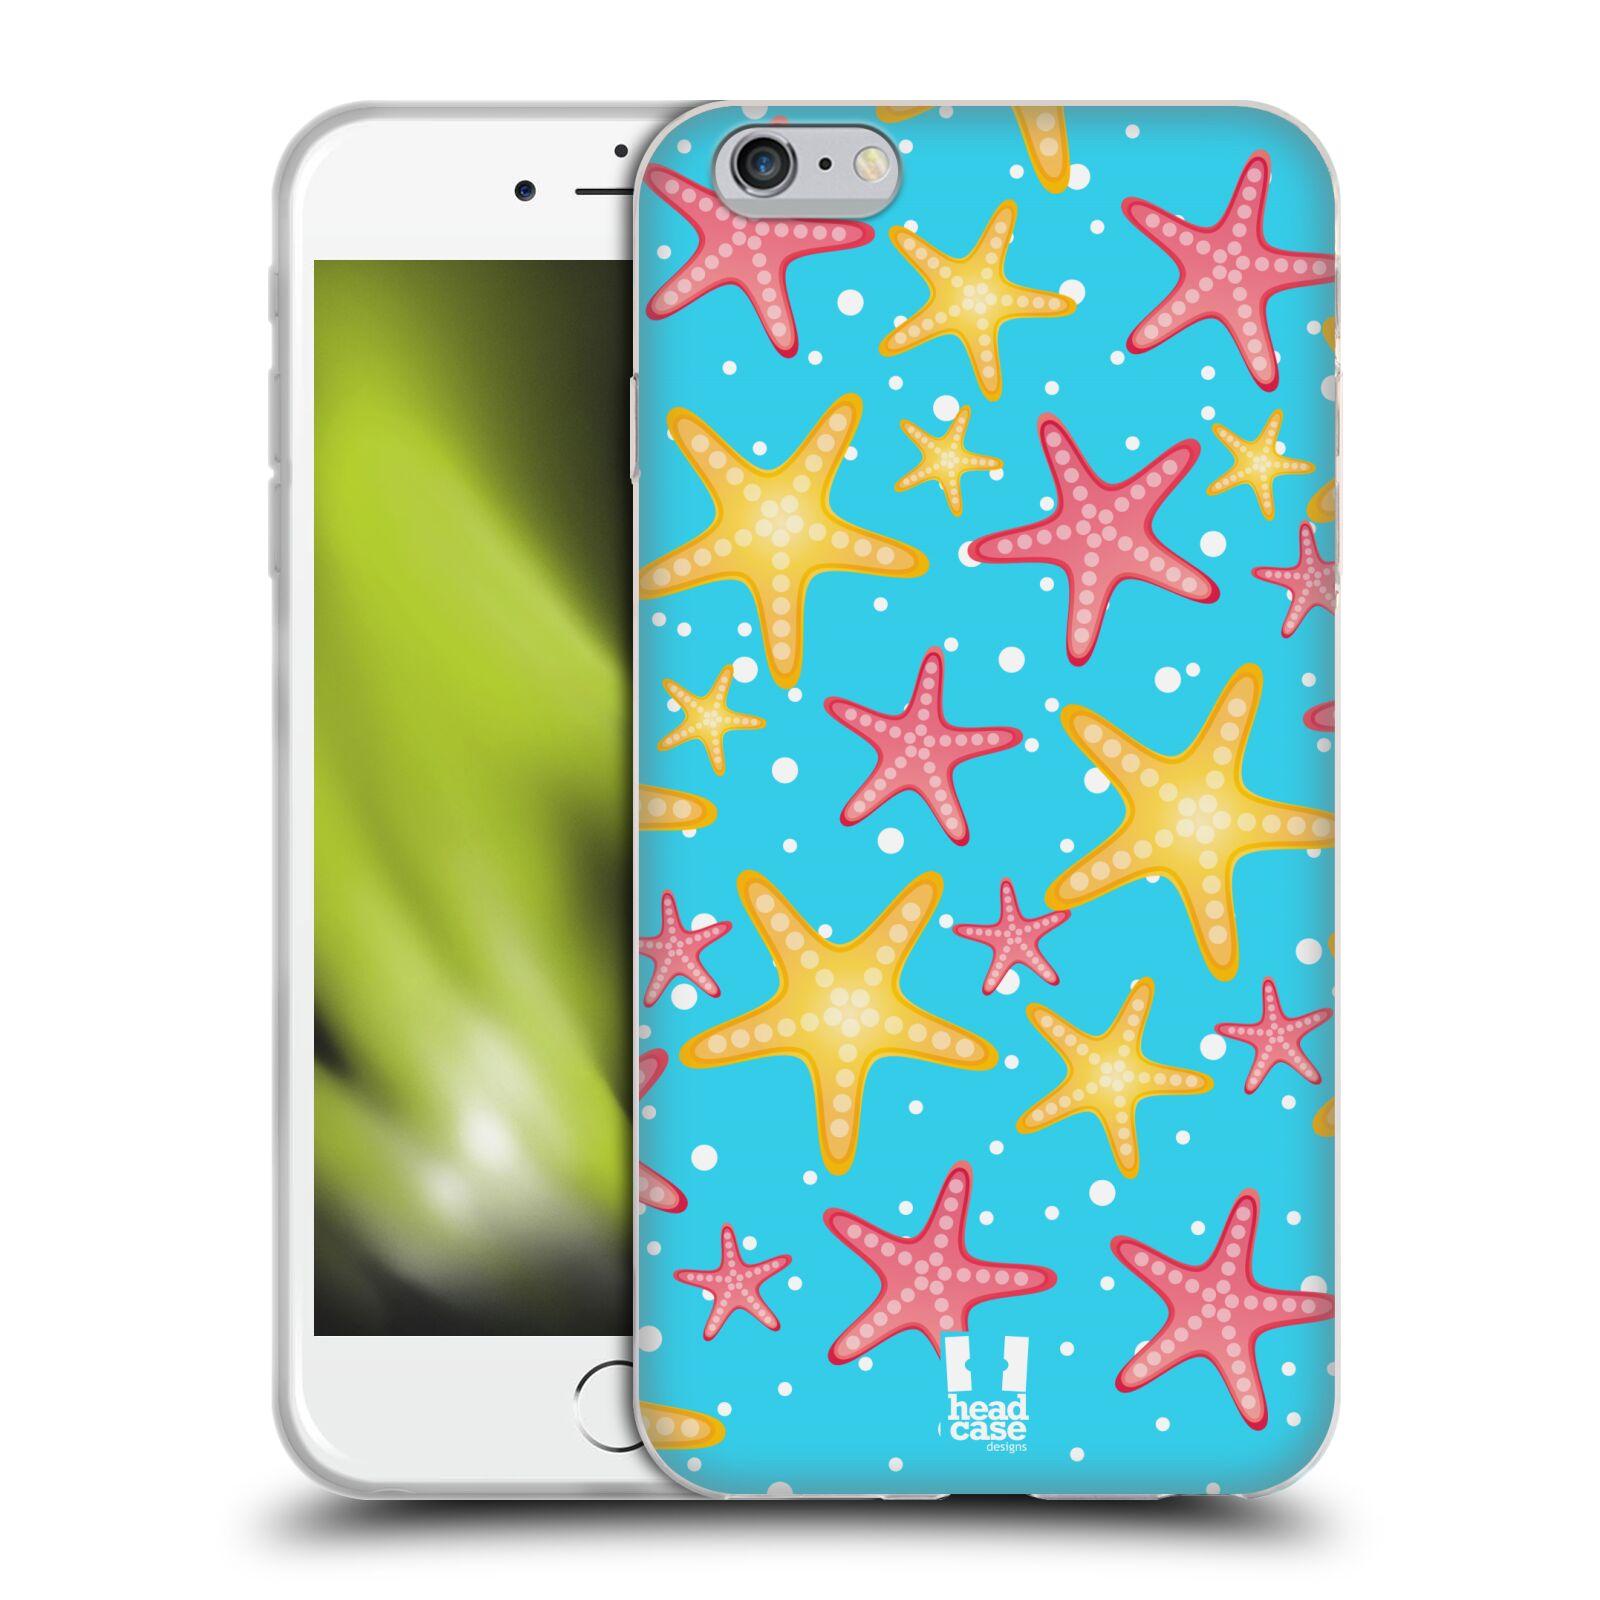 HEAD CASE silikonový obal na mobil Apple Iphone 6 PLUS/ 6S PLUS vzor mořský živočich hvězda